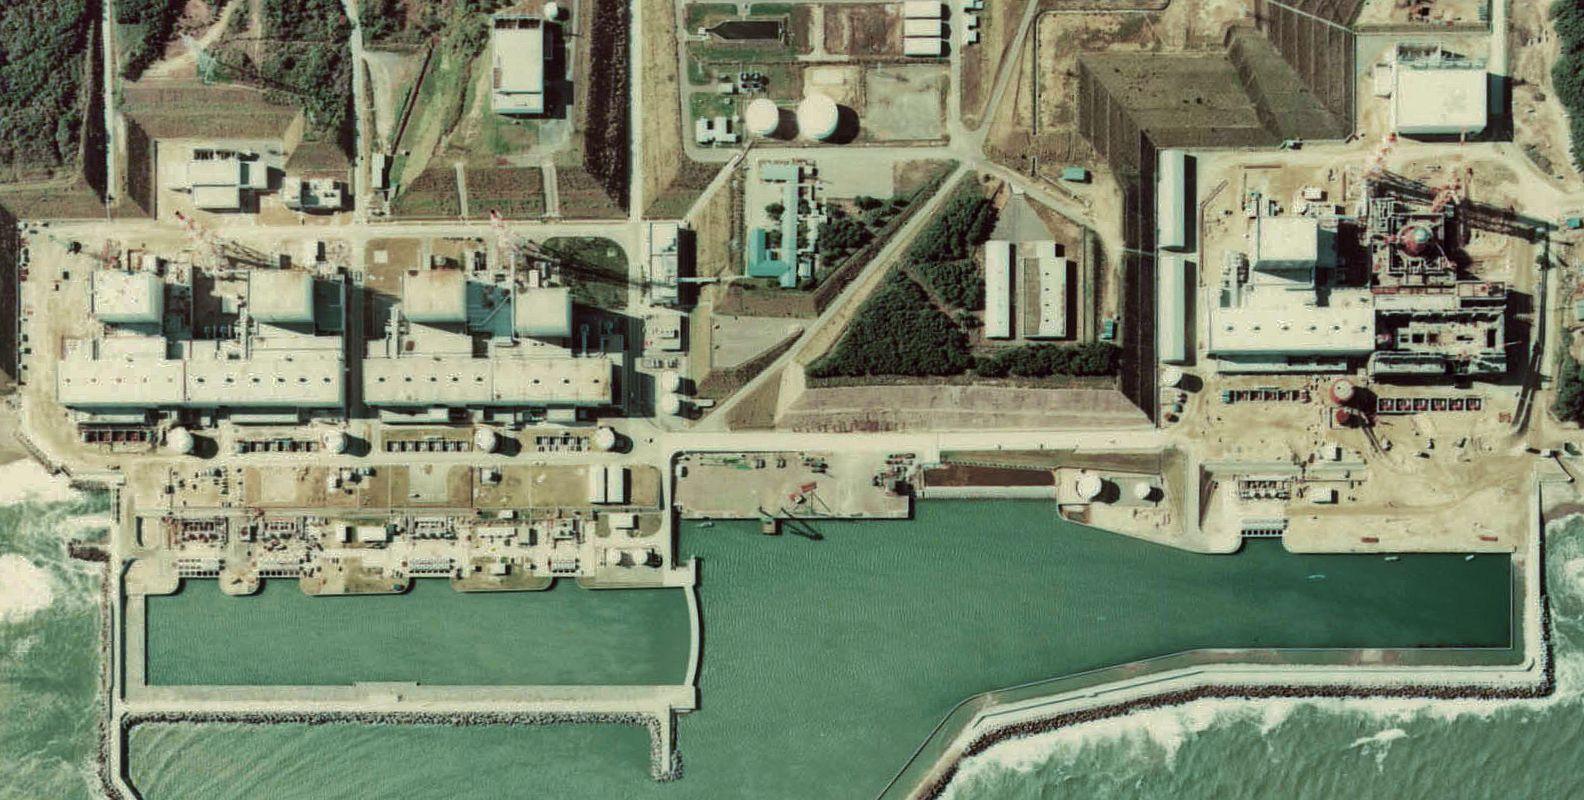 Vista aérea da central nuclear de Fukushima (foto: Ministério da Administração Interna e Transportes do Japão / wikimedia)